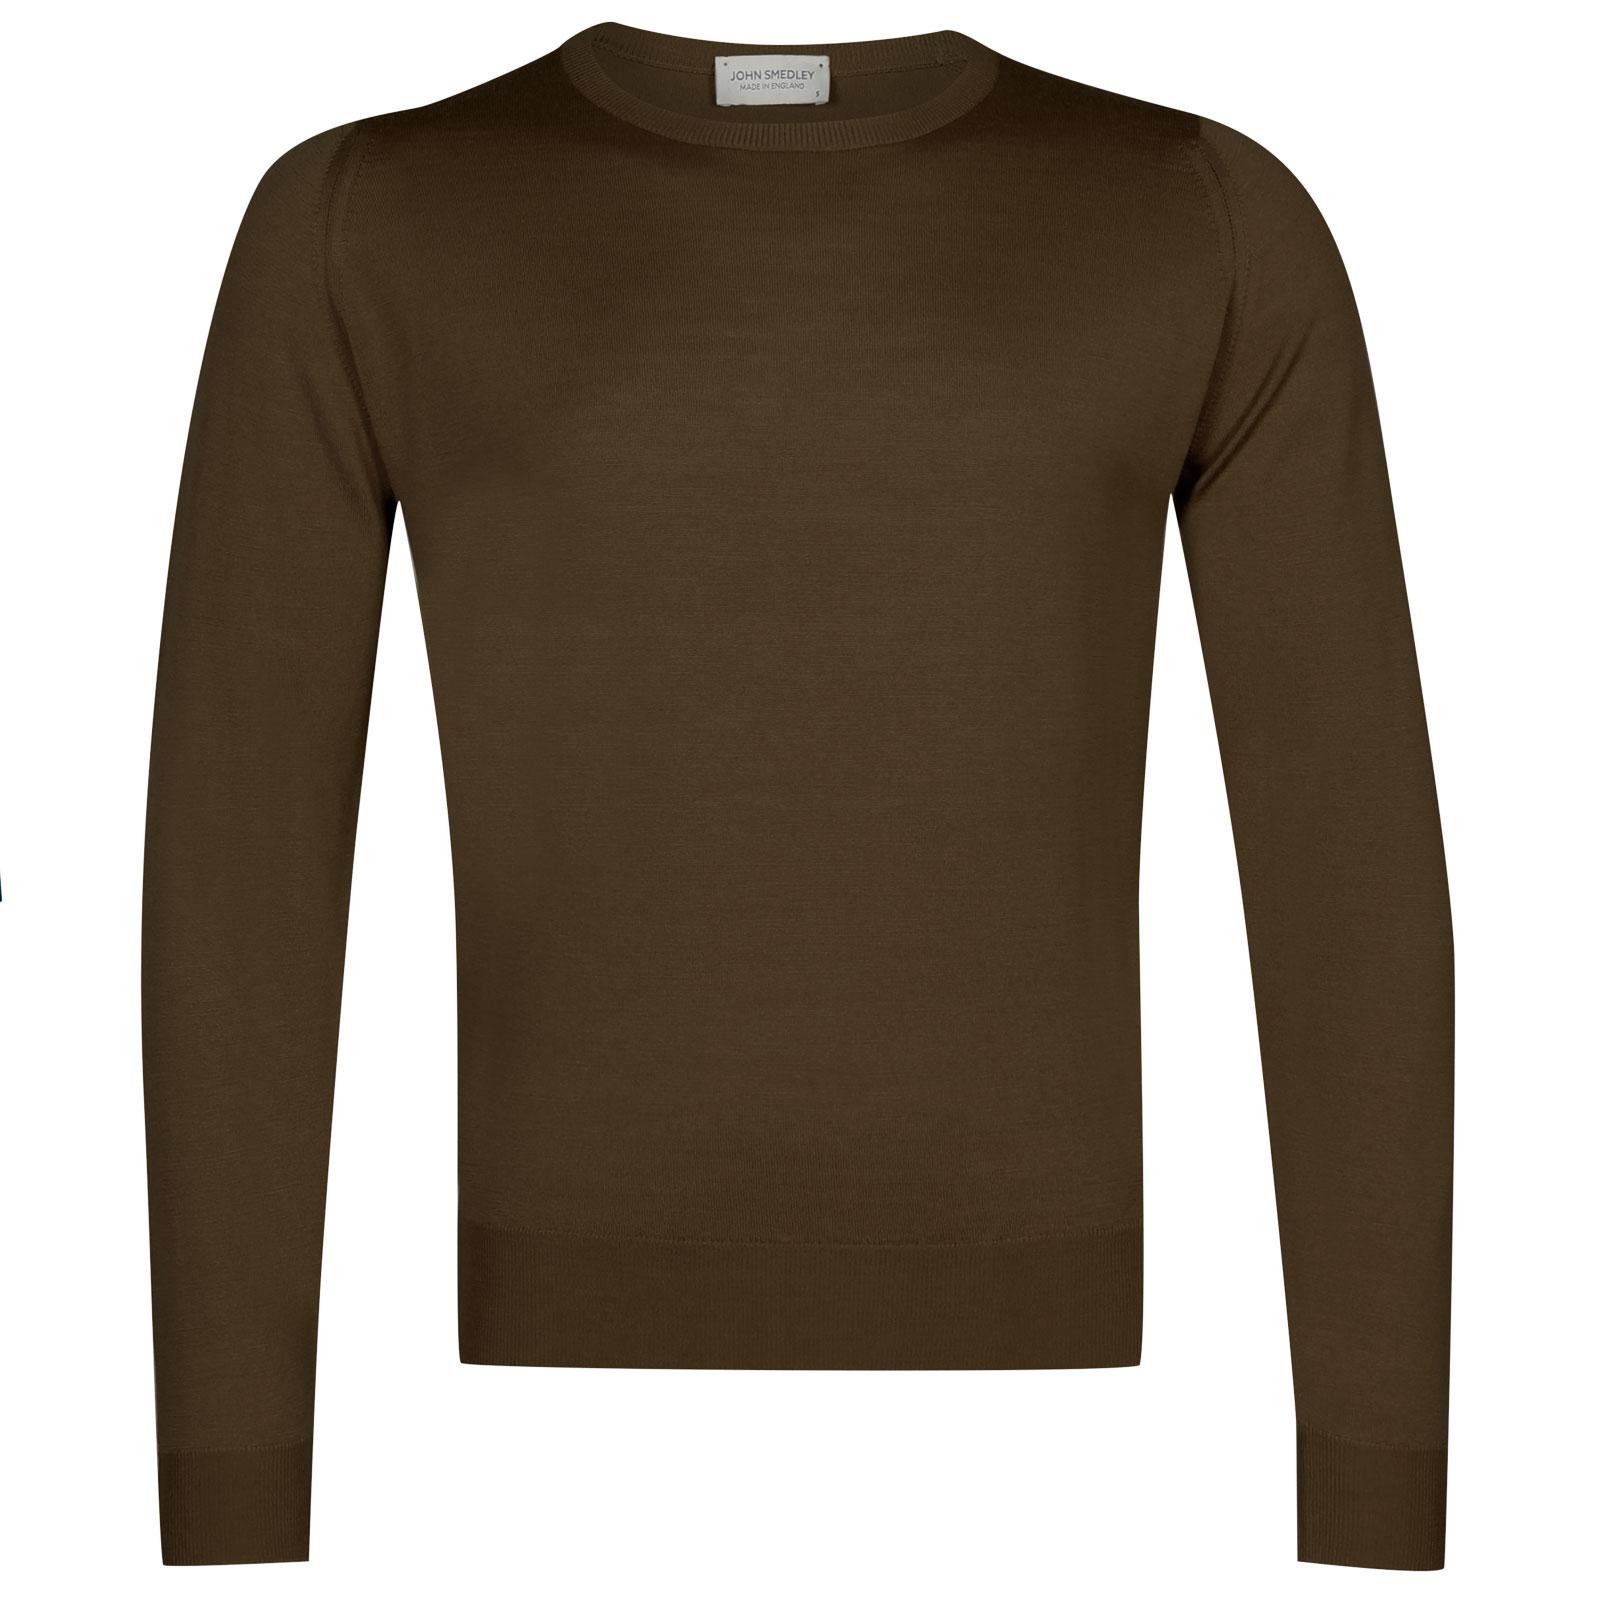 John Smedley sicily Merino Wool Pullover in Kielder Green-S